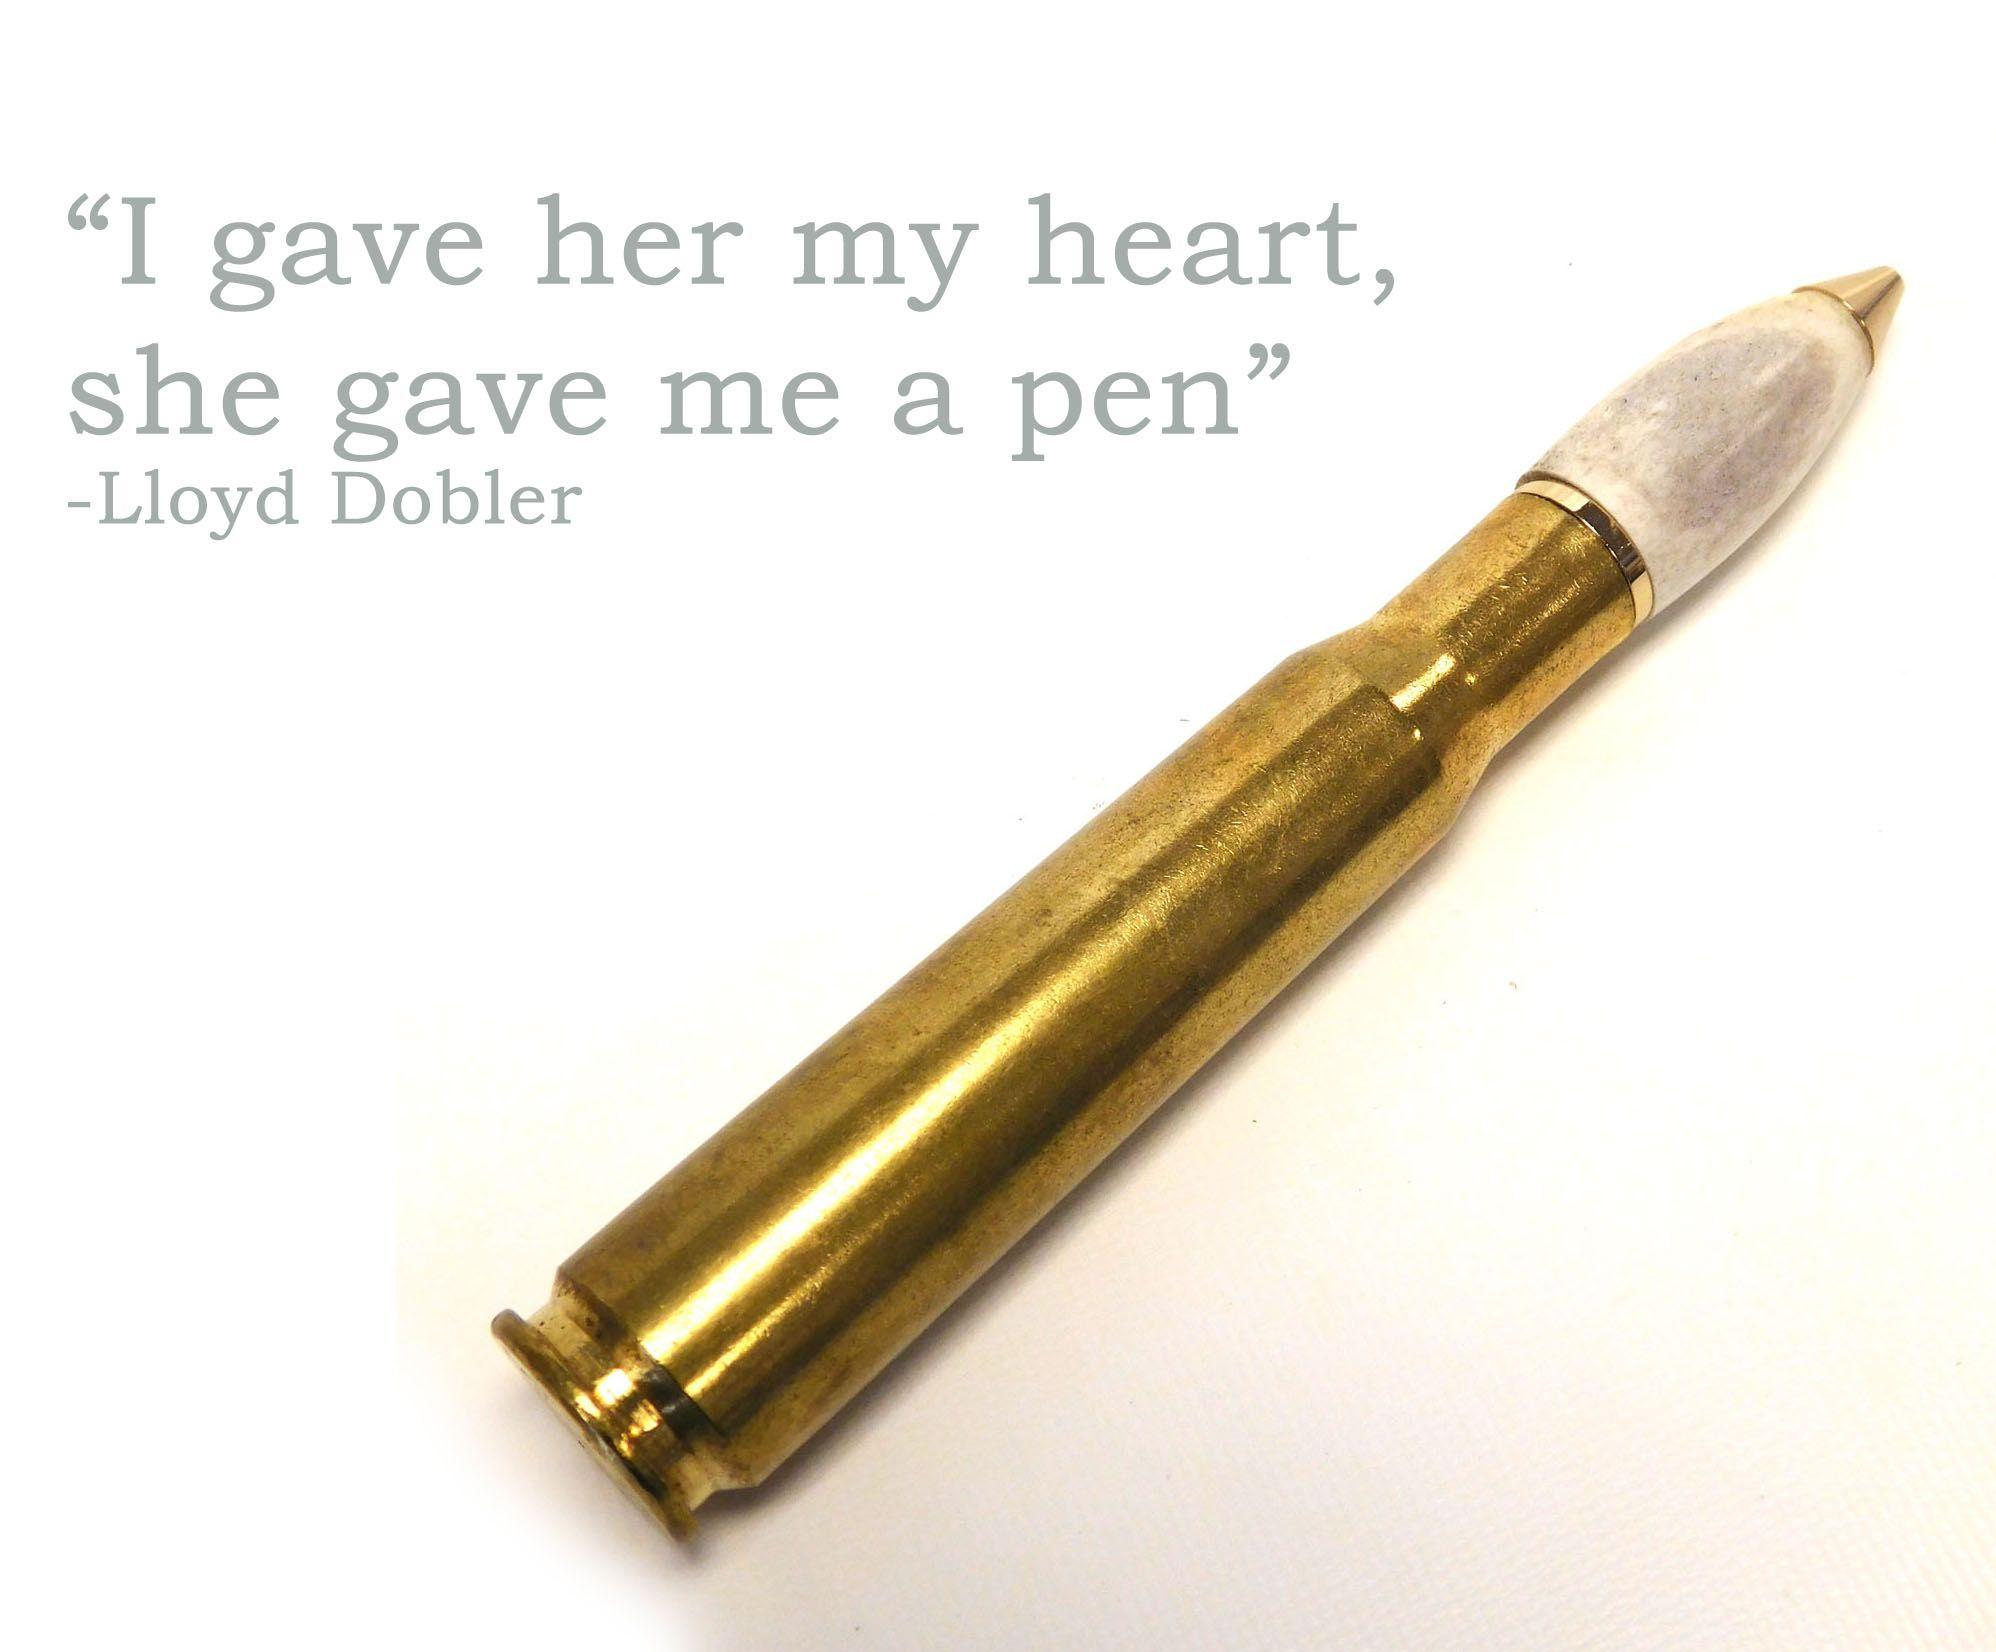 50 caliber bullet shell Pen with hand turned moose bone. For that feller. #MinkaHome